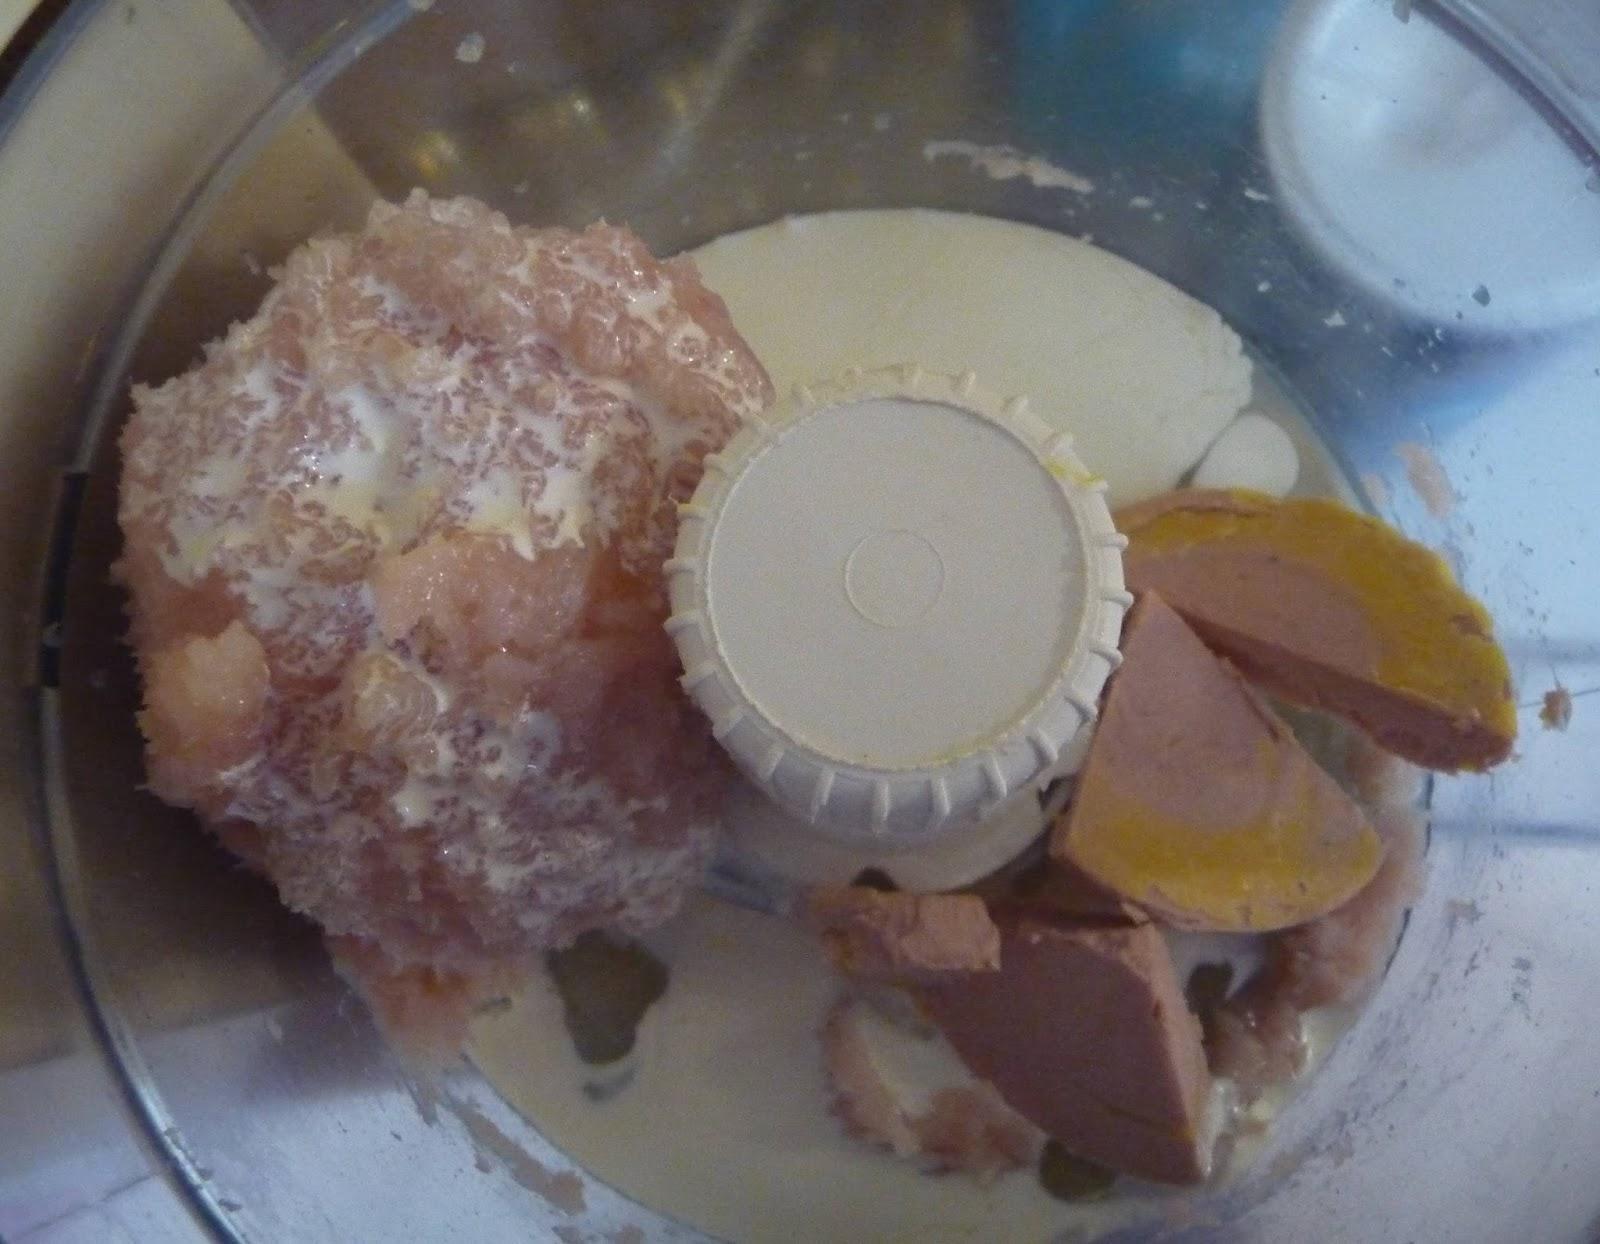 Cuill re aiguille et scie sauteuse ballottines de poulet aux marrons sauce au foie gras id e - Preparation du foie gras ...